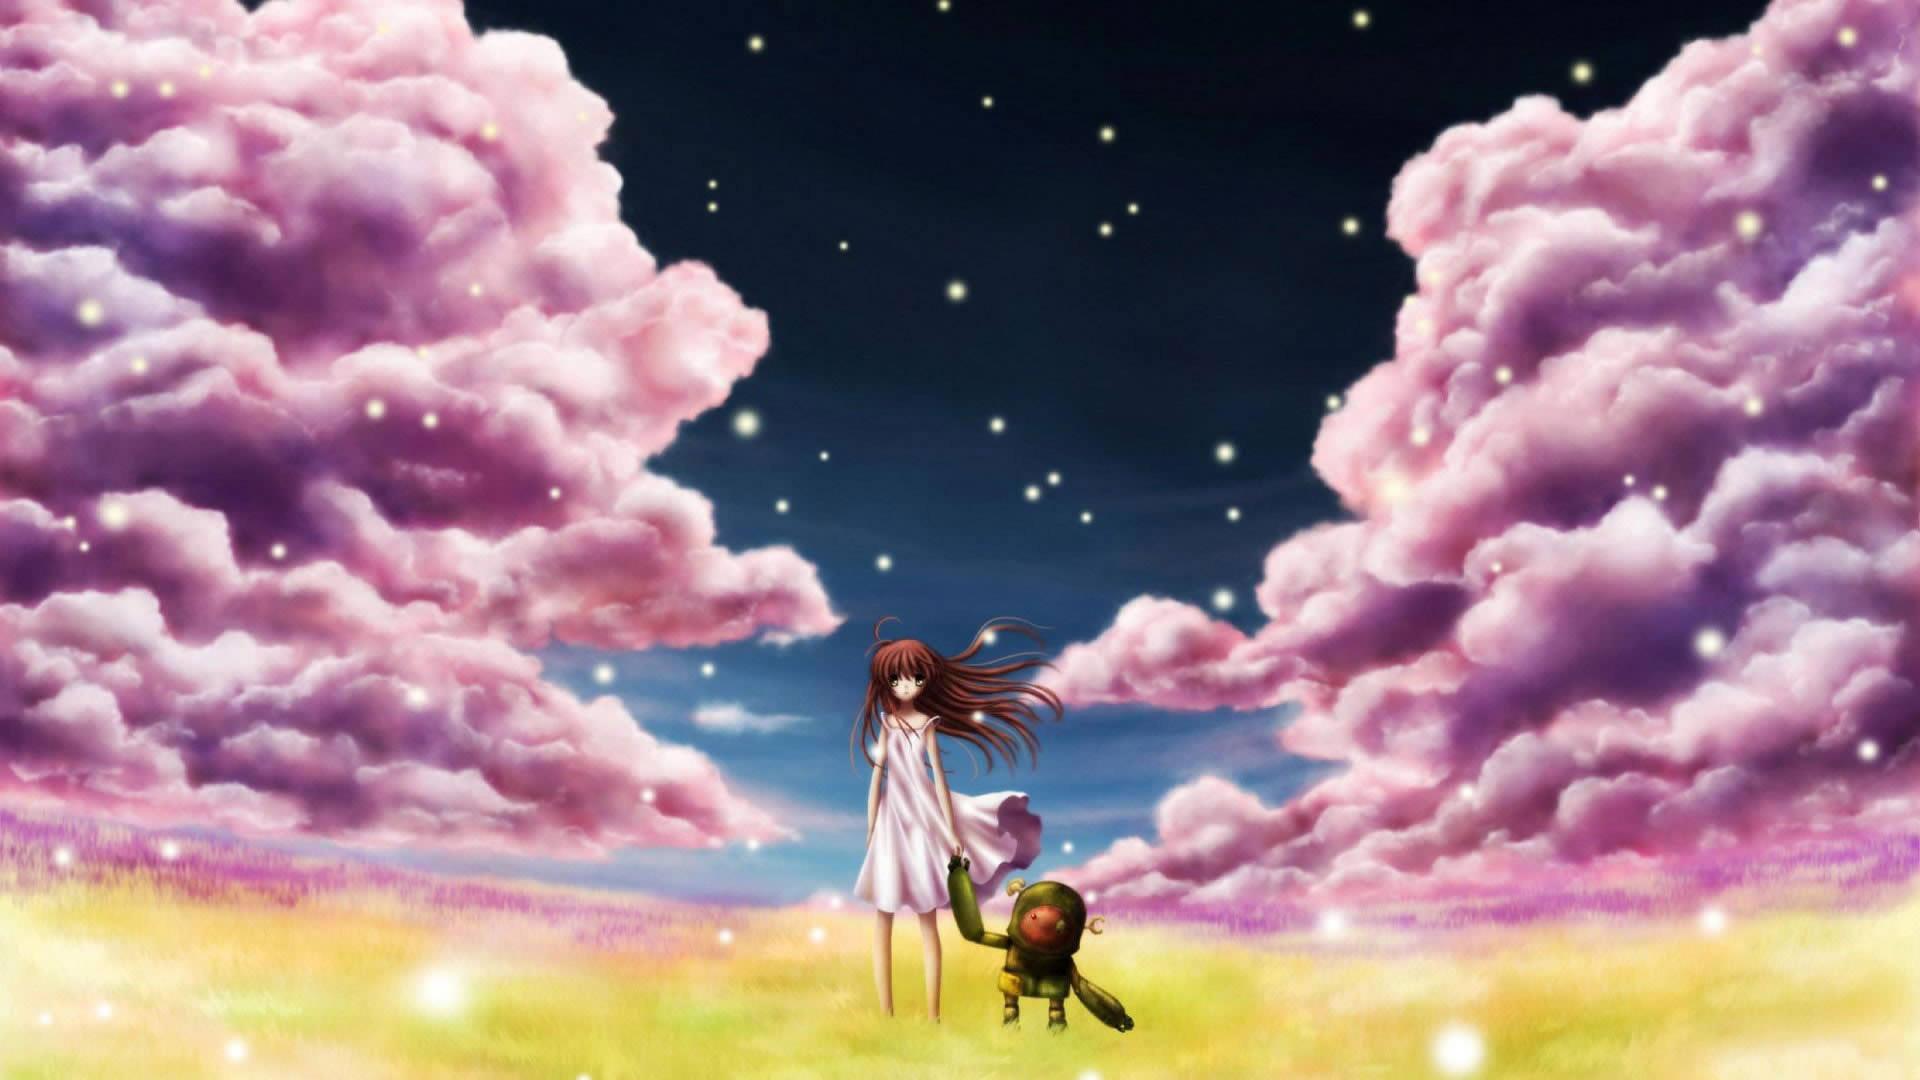 Anime Tablet Wallpaper